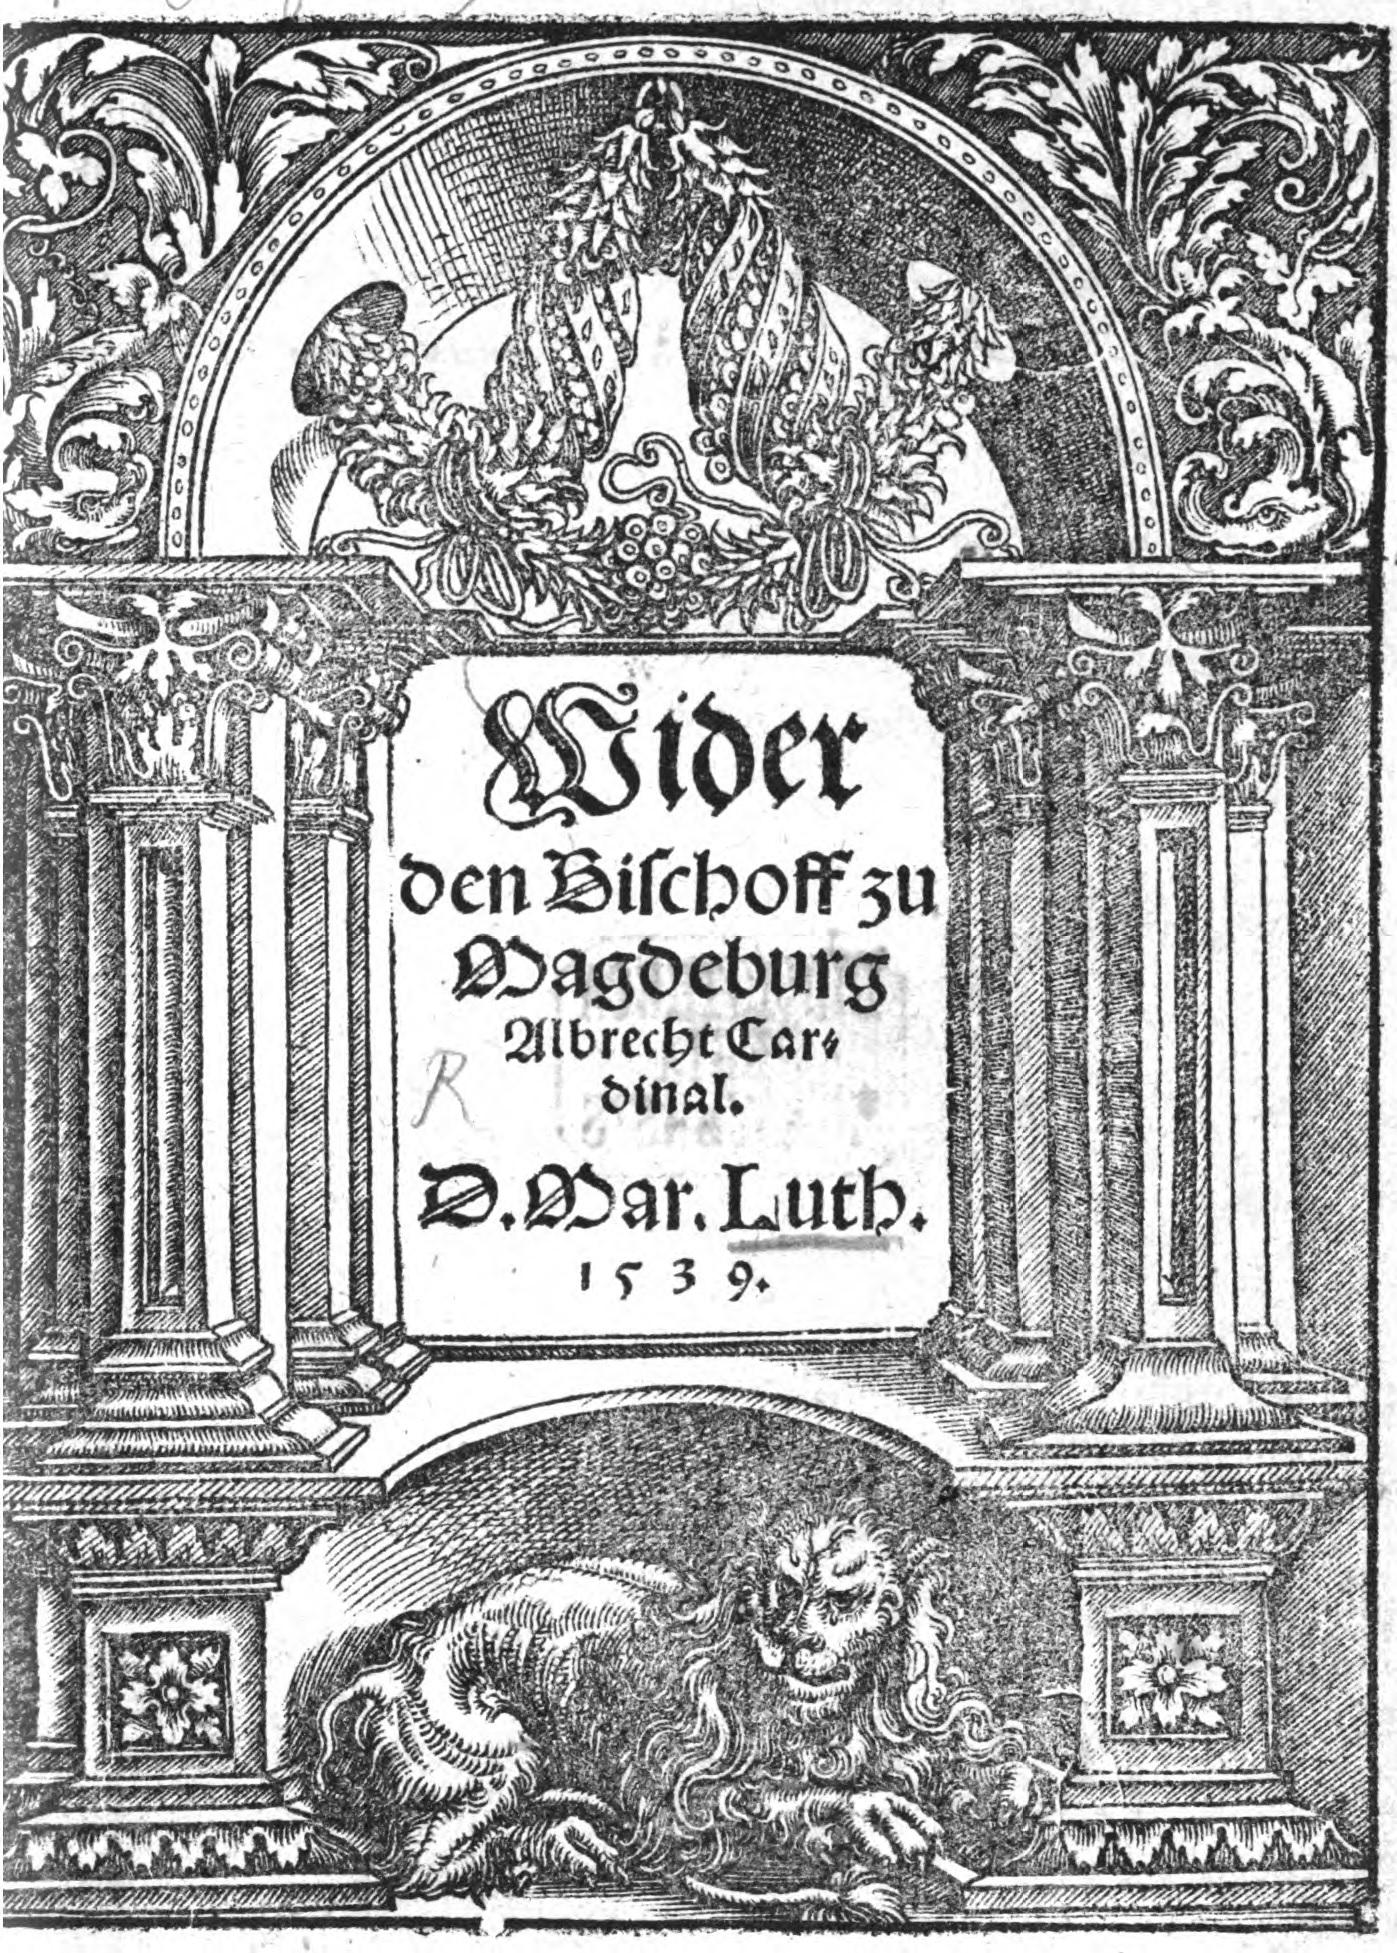 Luther Buch: Wider den Bischof zu Magdeburg